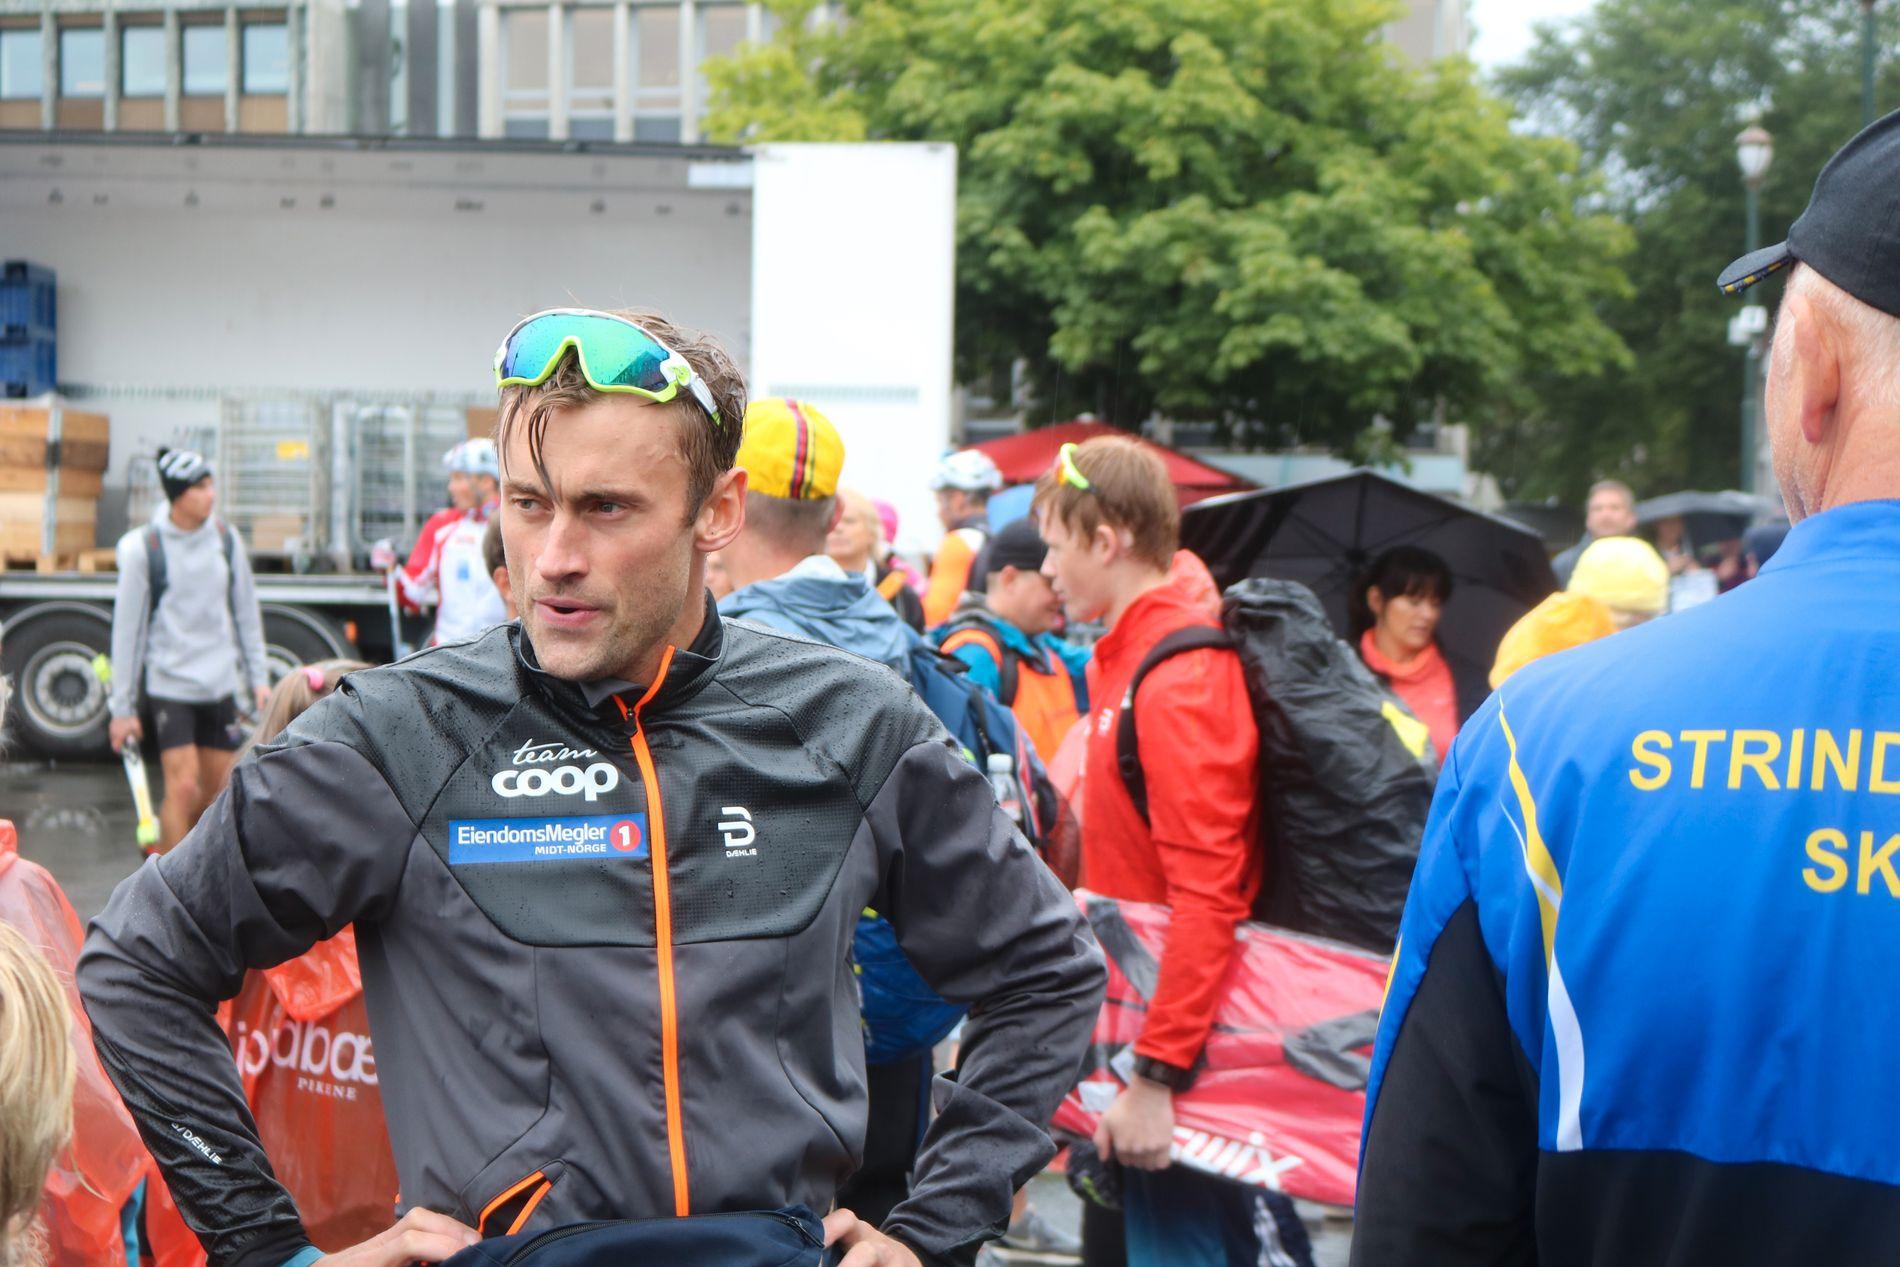 KLAR FOR LANGRENNSÅPNING? Petter Northug, fra sommerens Toppidrettsveka i Trondheim. Her er det like før han skal motta hyllest fra hjemmepublikumet for tredjeplassen i sammendraget.